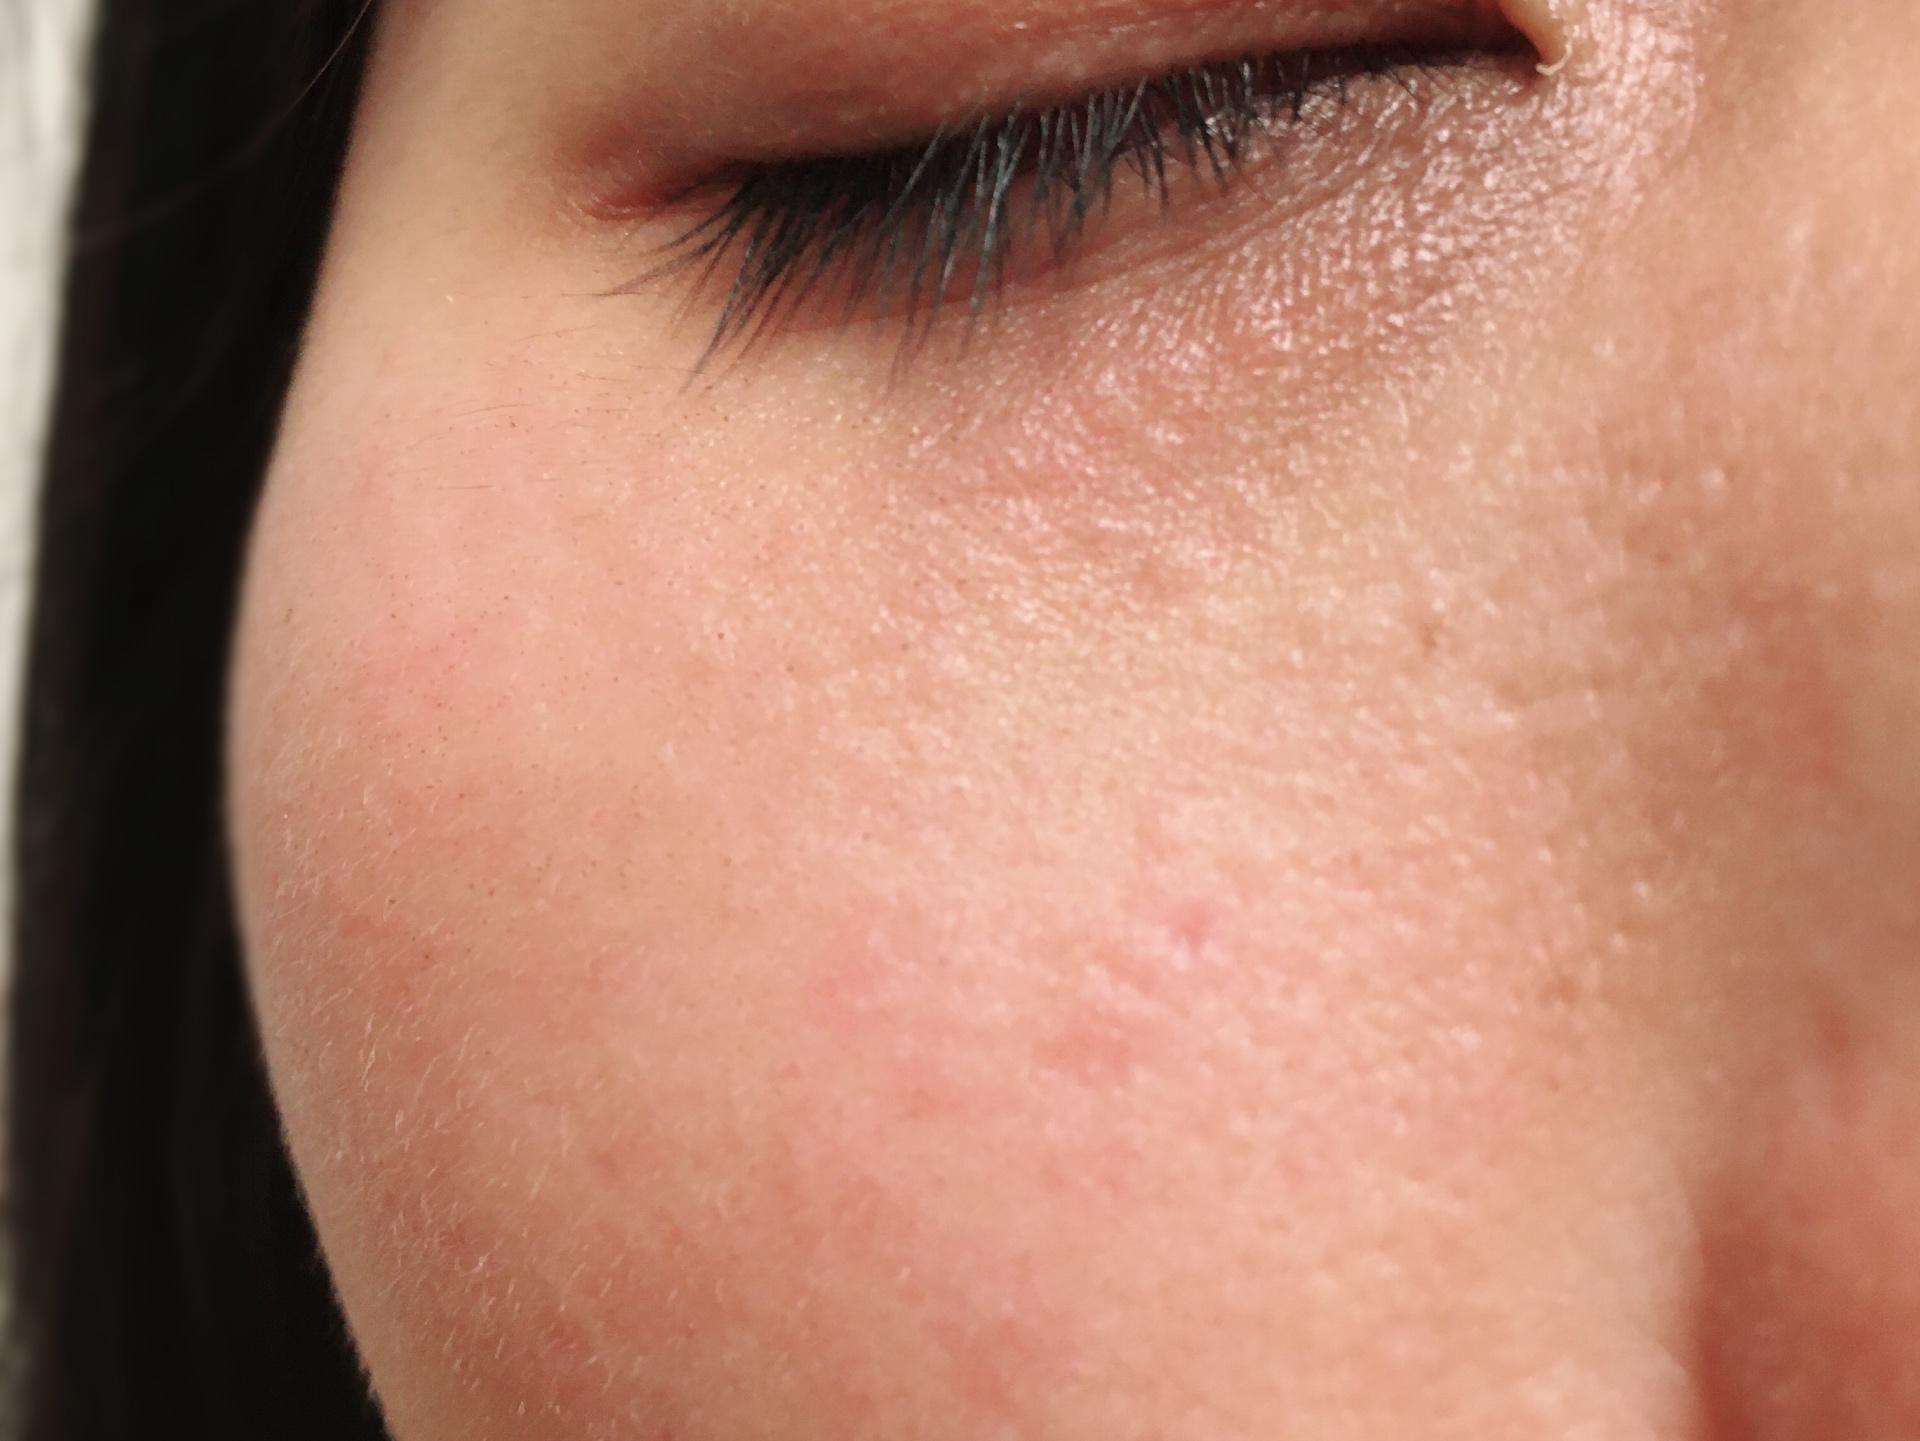 トリアスキンエイジングケアレーザーを照射して6週間後の顔